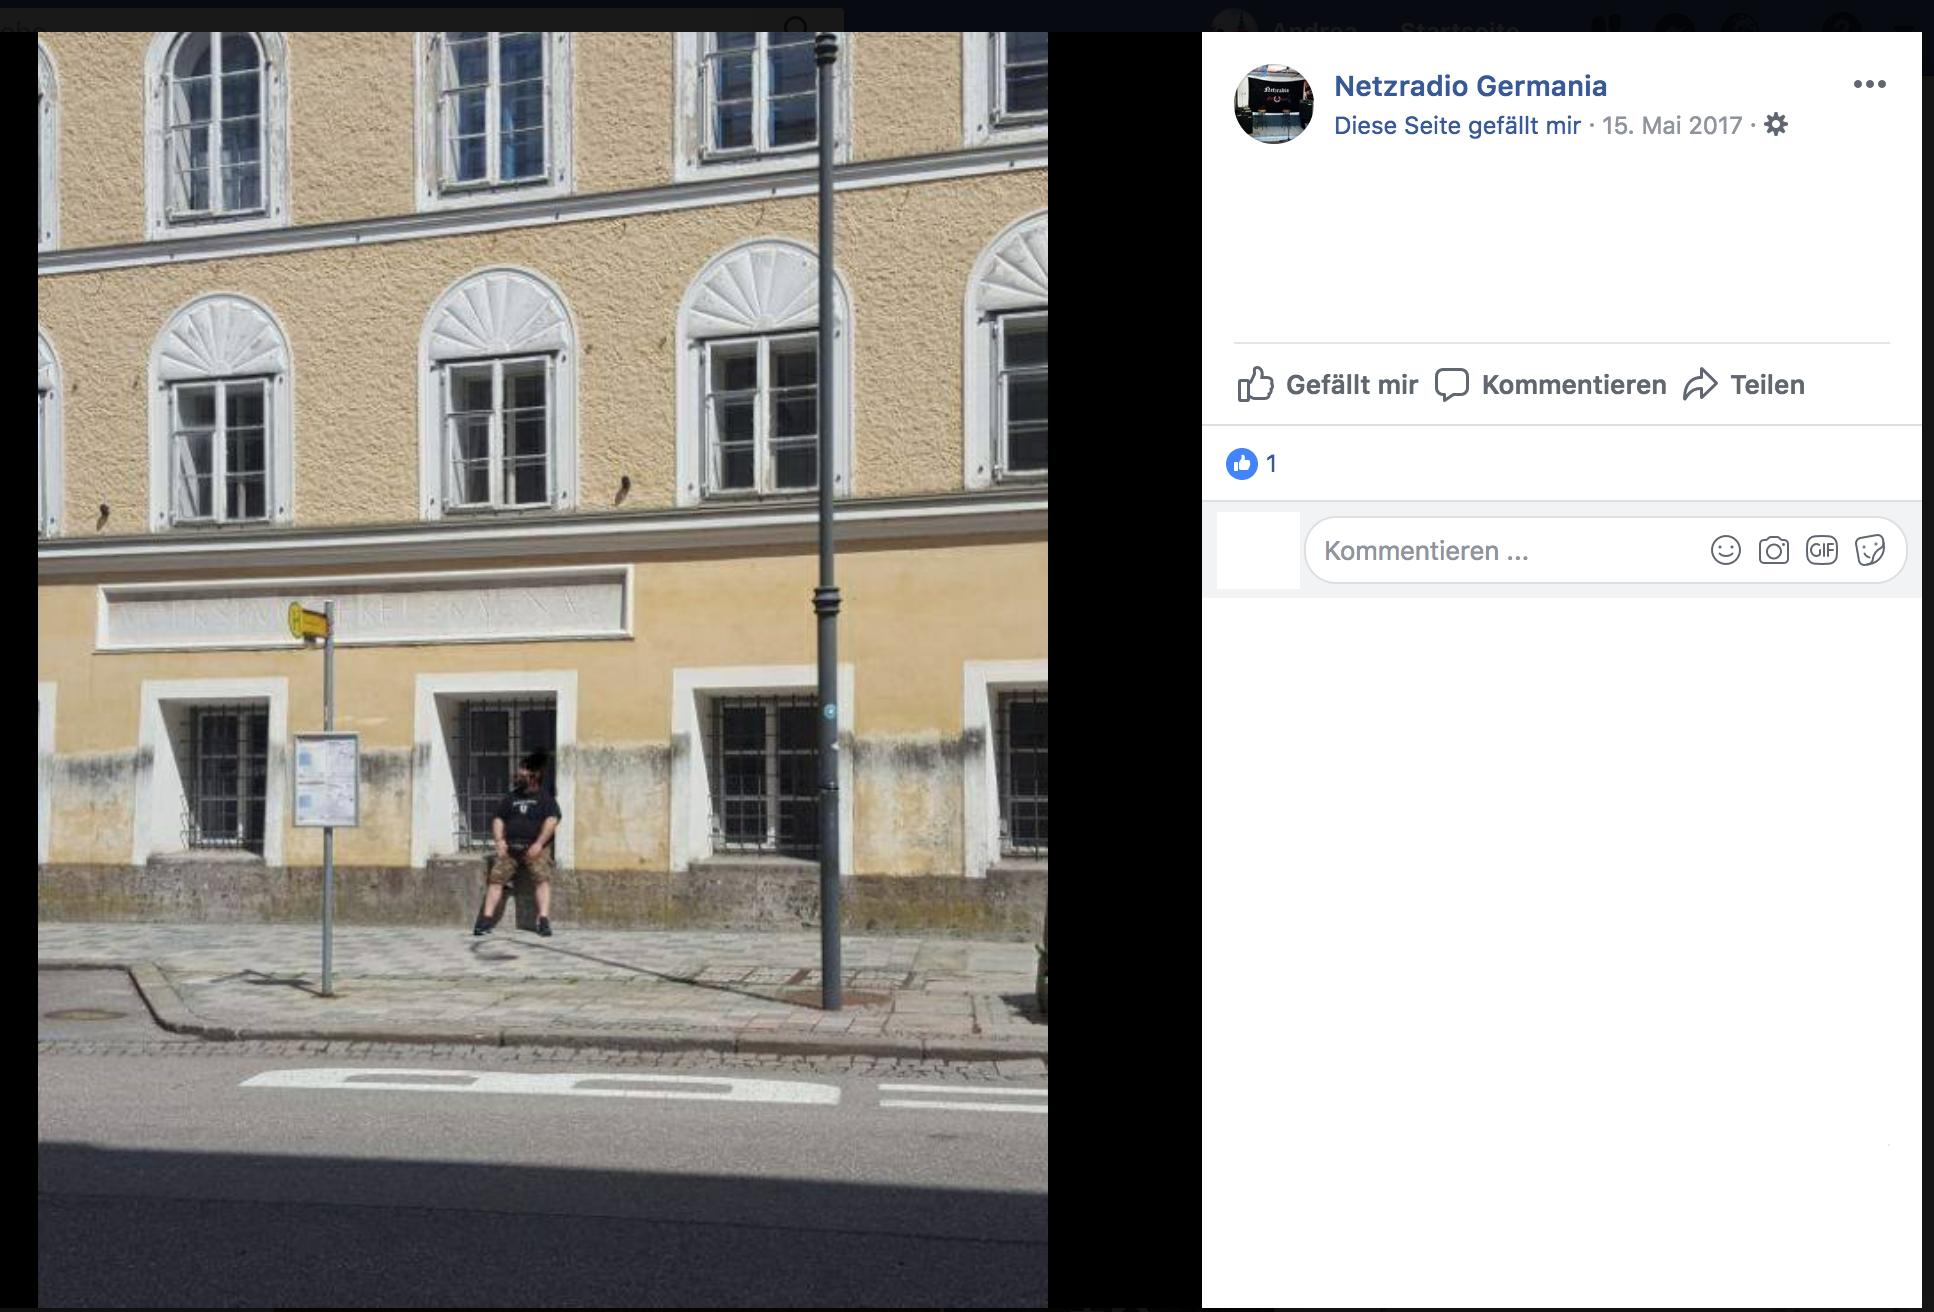 Führung und Besuch beim Hitlerhaus in Braunau anlässlich des Fylgien-Konzerts bei der Germania Ried (Screenshot Facebook, 16.6.18)